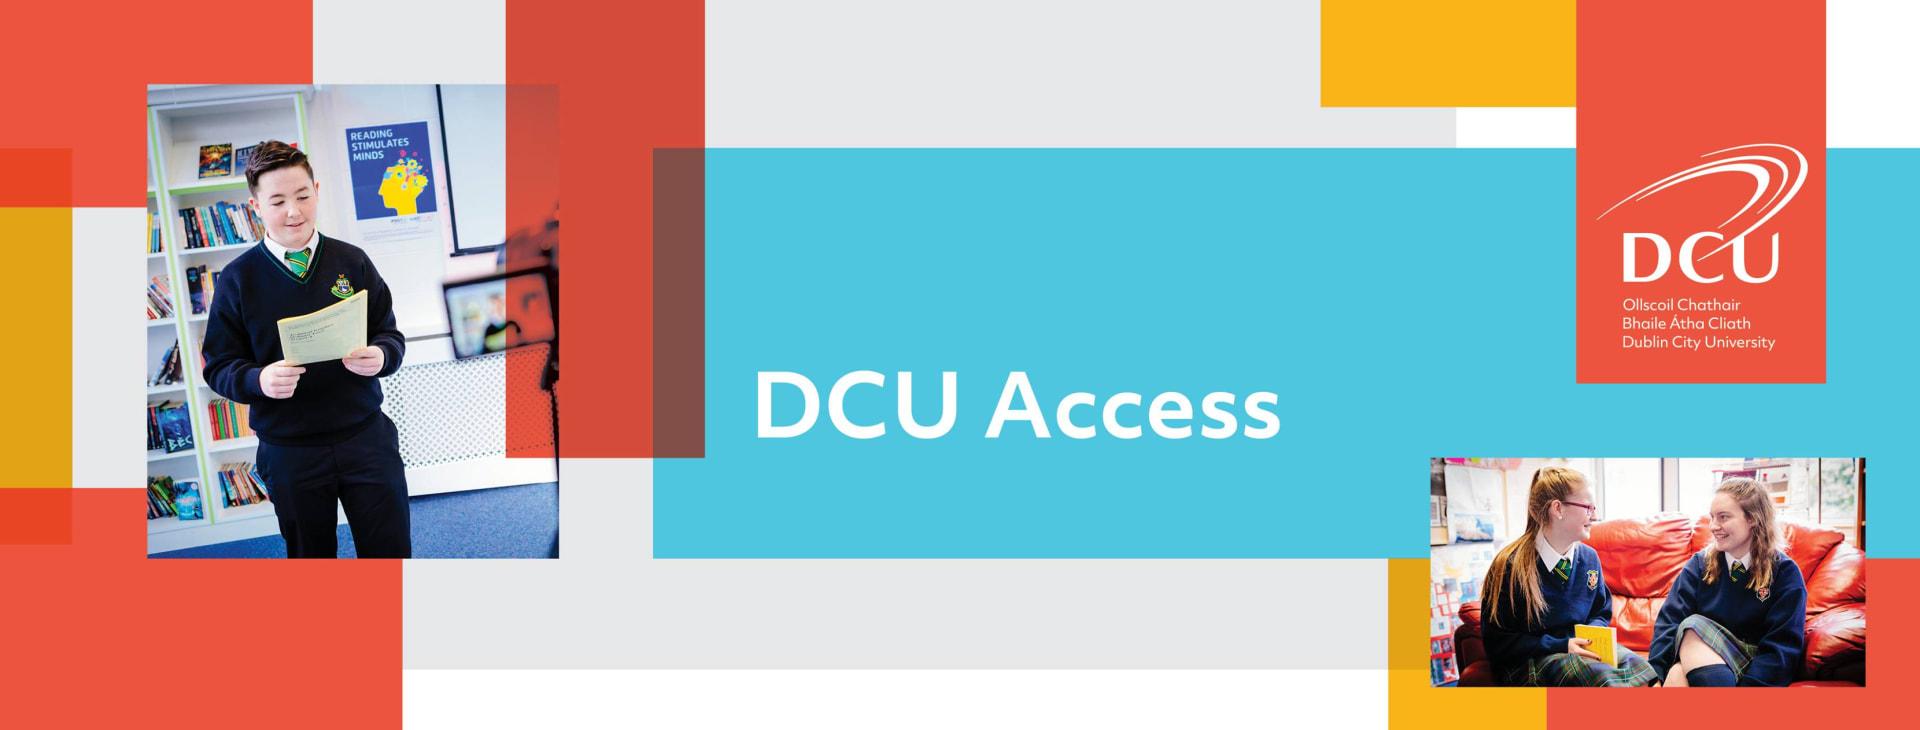 DCU-Access-w1920.jpg